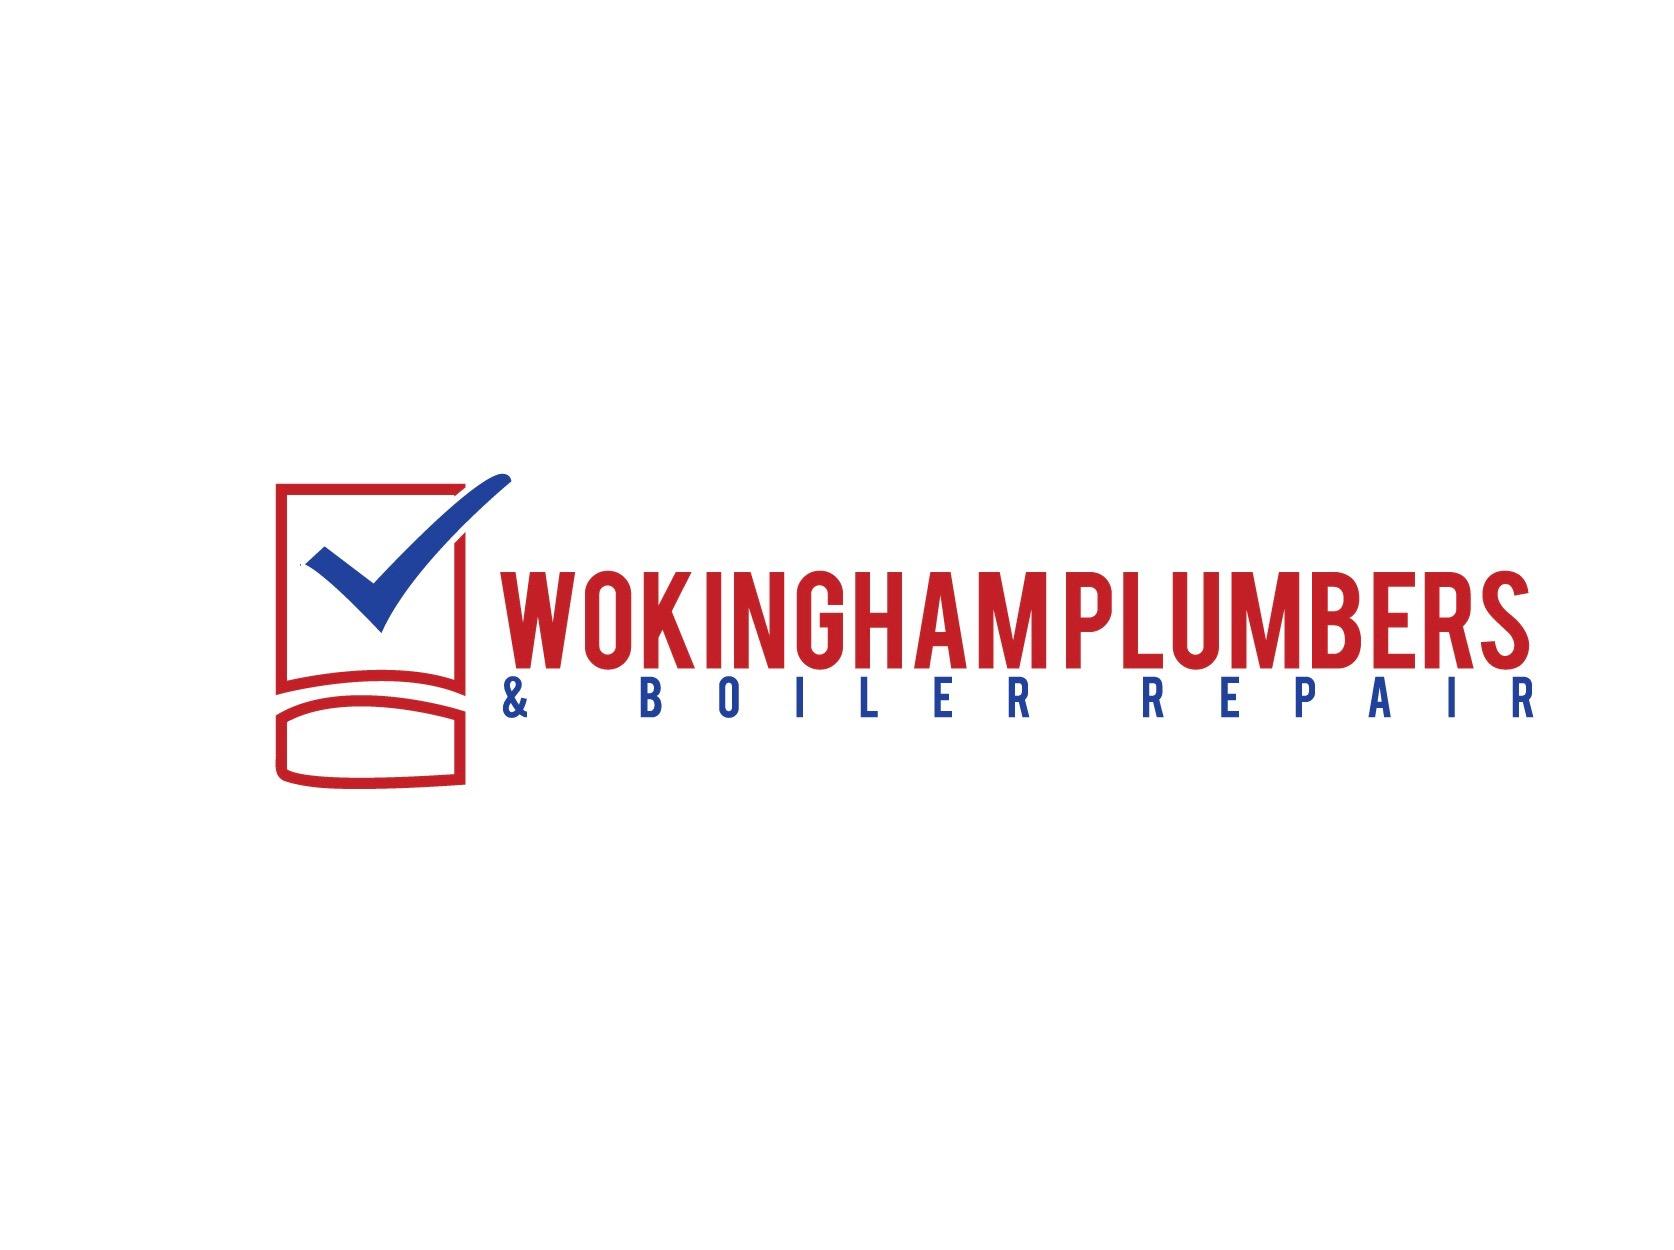 Wokingham Plumbers & Boiler Repair